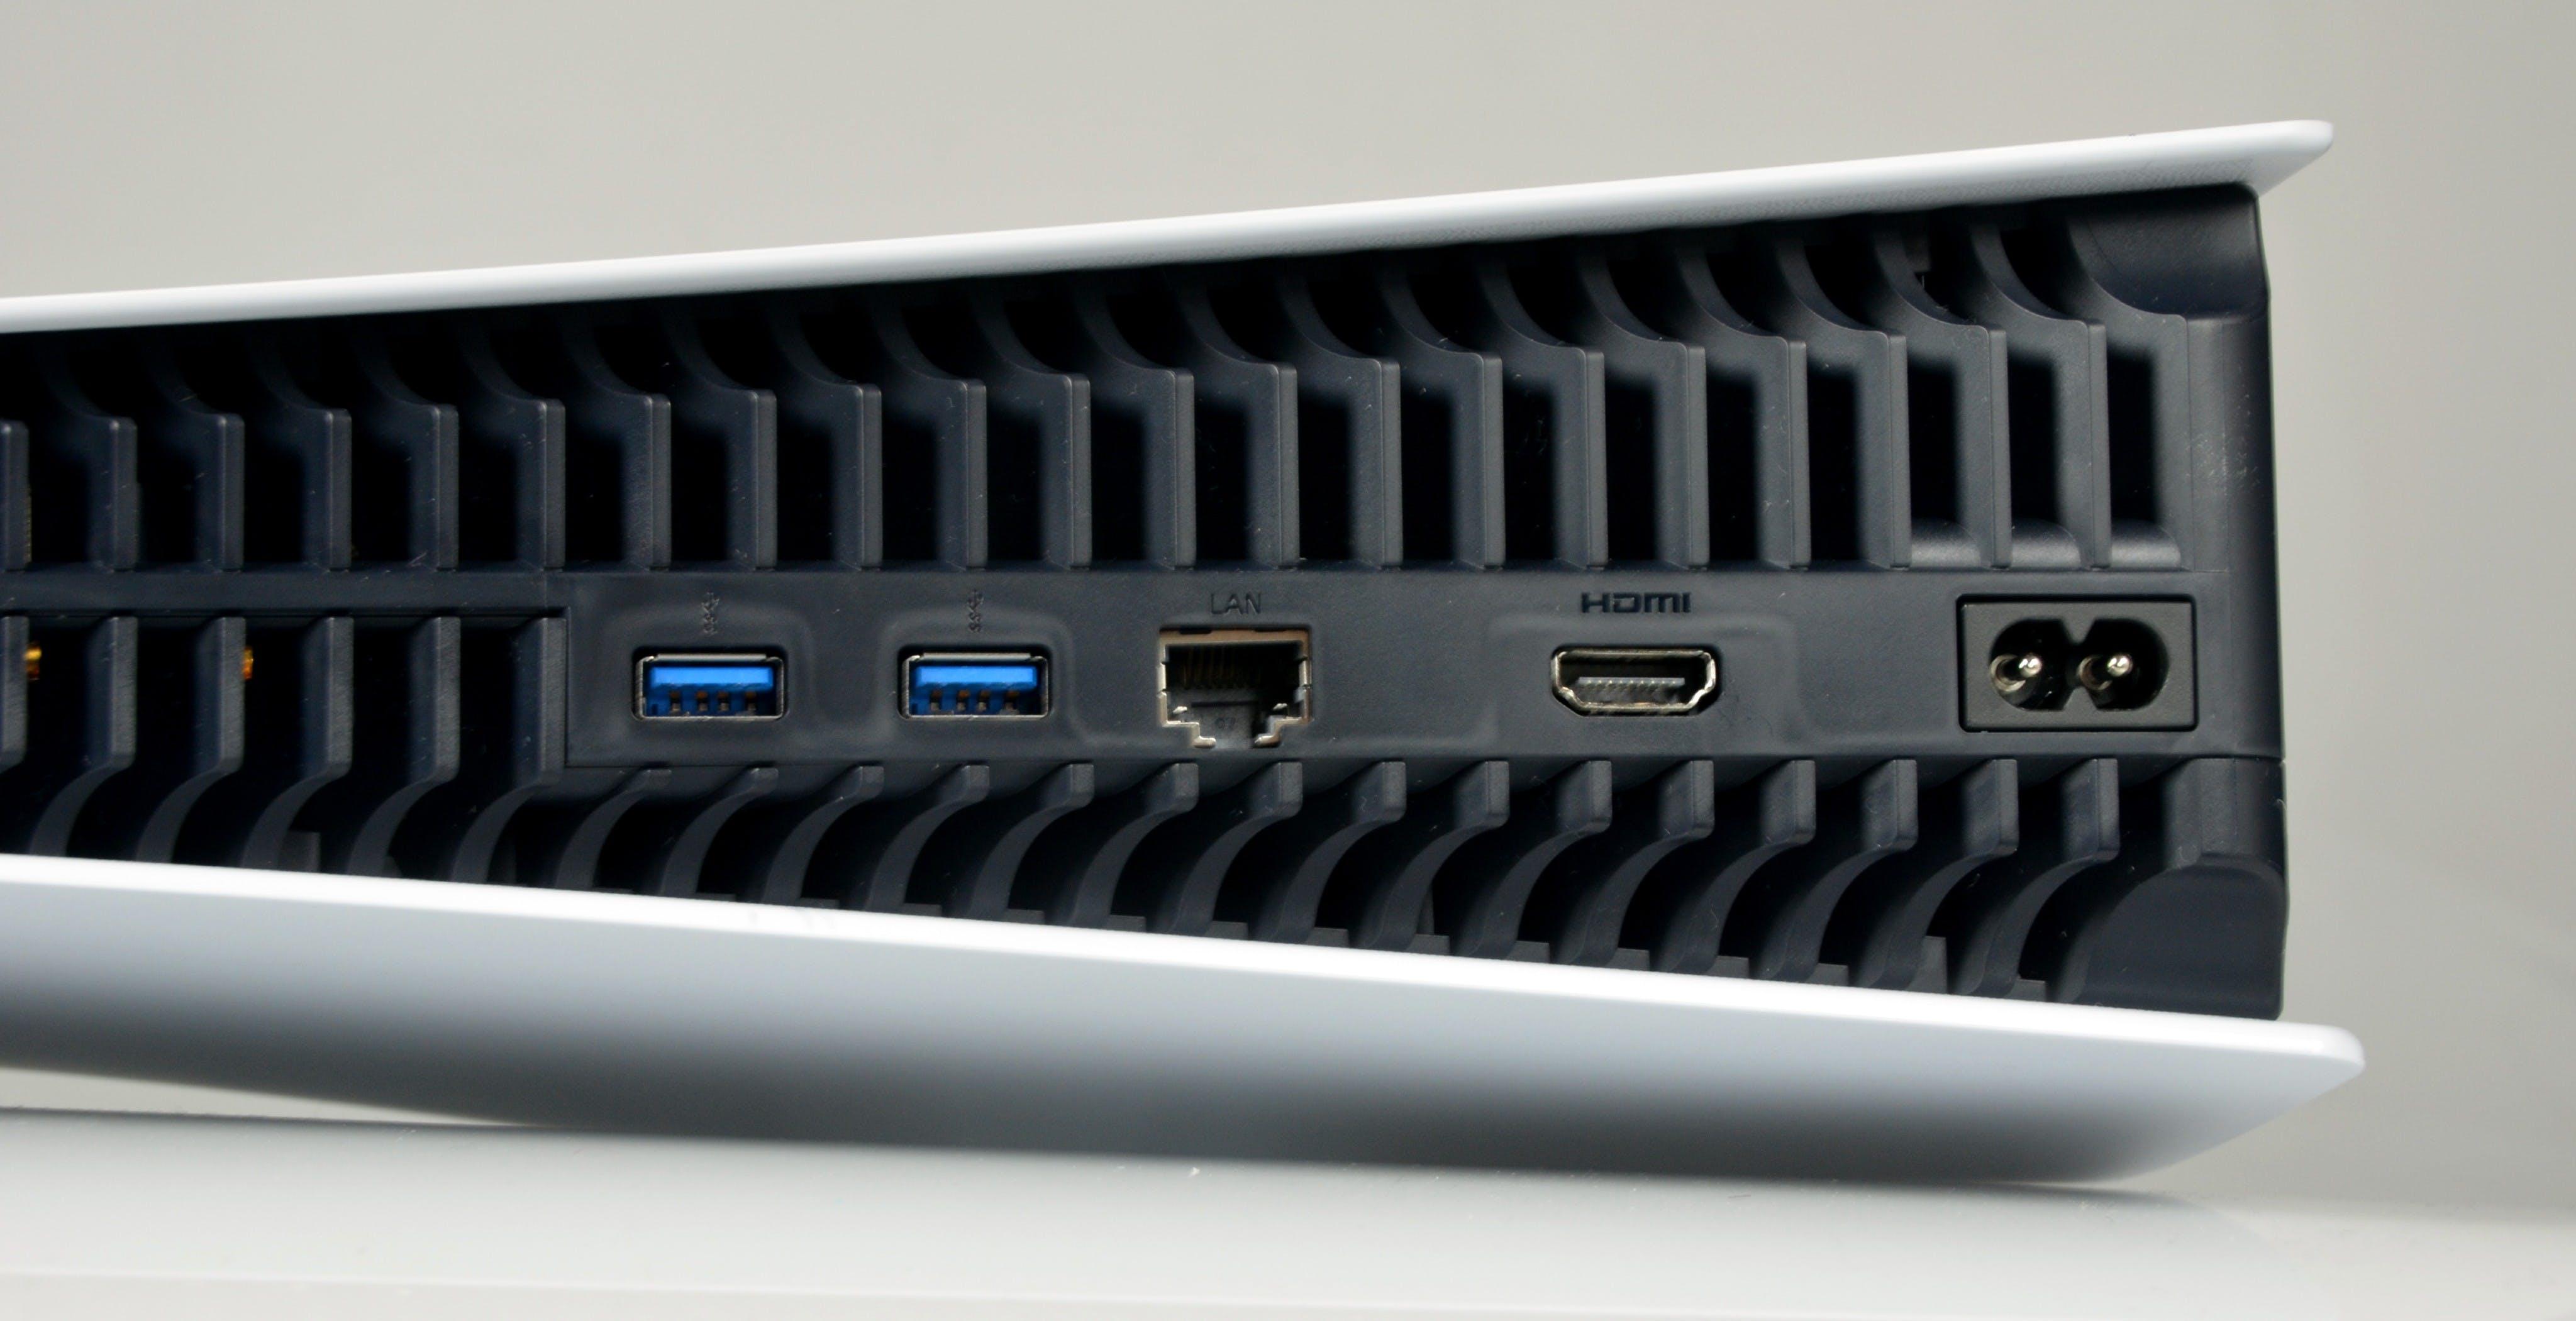 Ufficiale: non si possono salvare i giochi PS5 su dispositivi USB esterni. Niente 8K al lancio